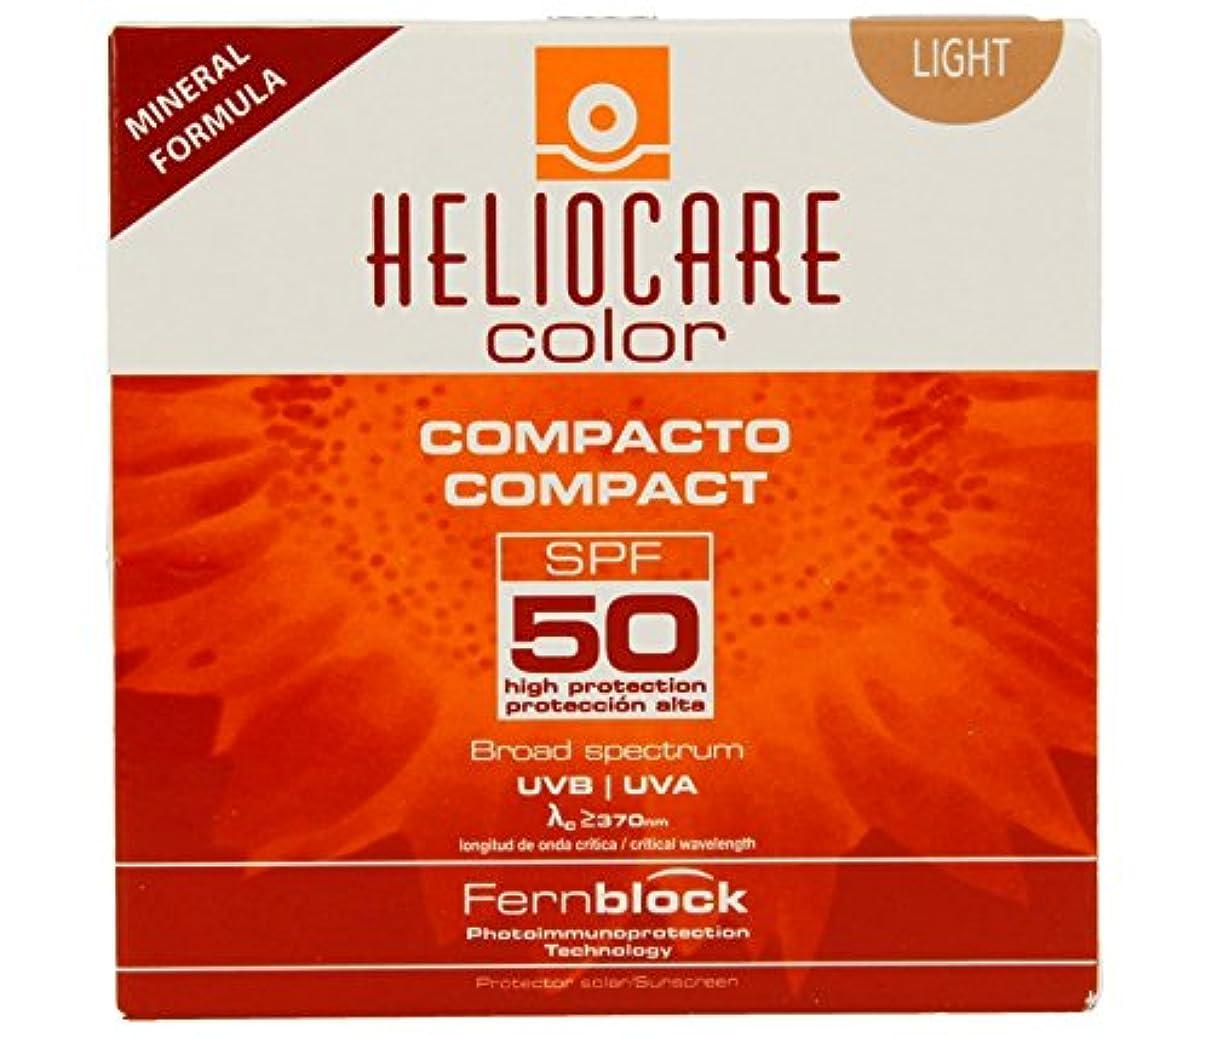 悩む廃止悲鳴Heliocare 50コンパクトパウダーカラーライト10グラム